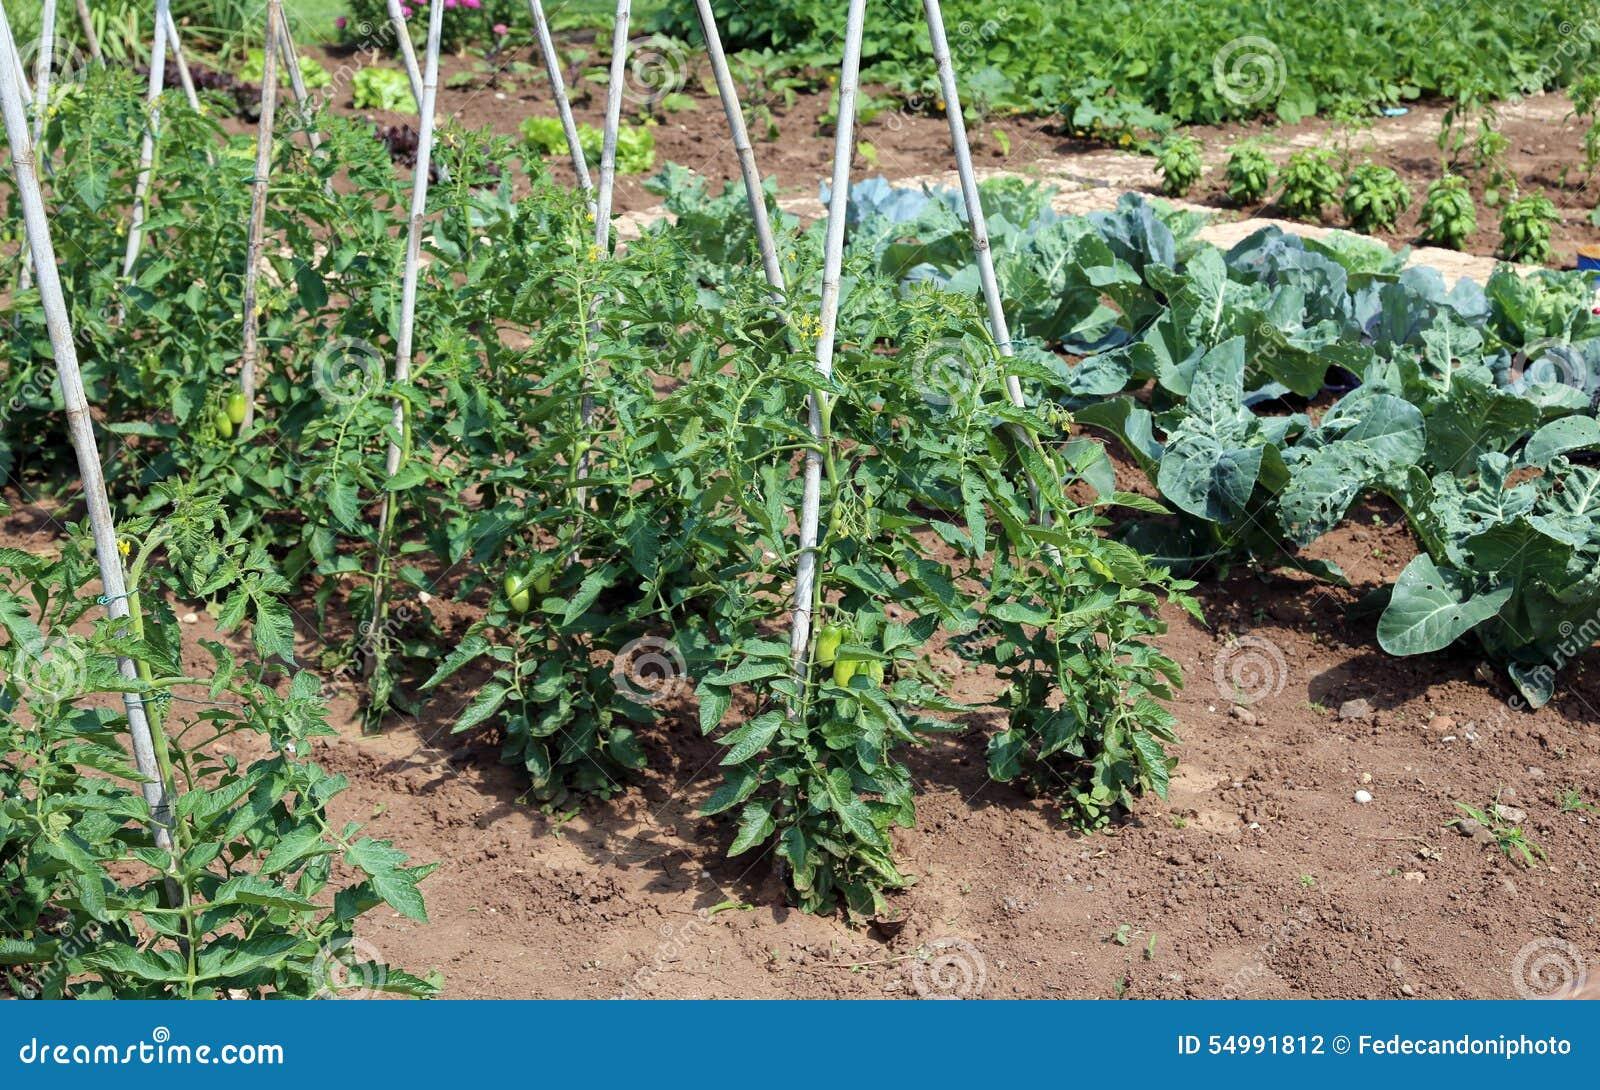 tomatenpflanzen im garten des landwirts stockfoto bild. Black Bedroom Furniture Sets. Home Design Ideas